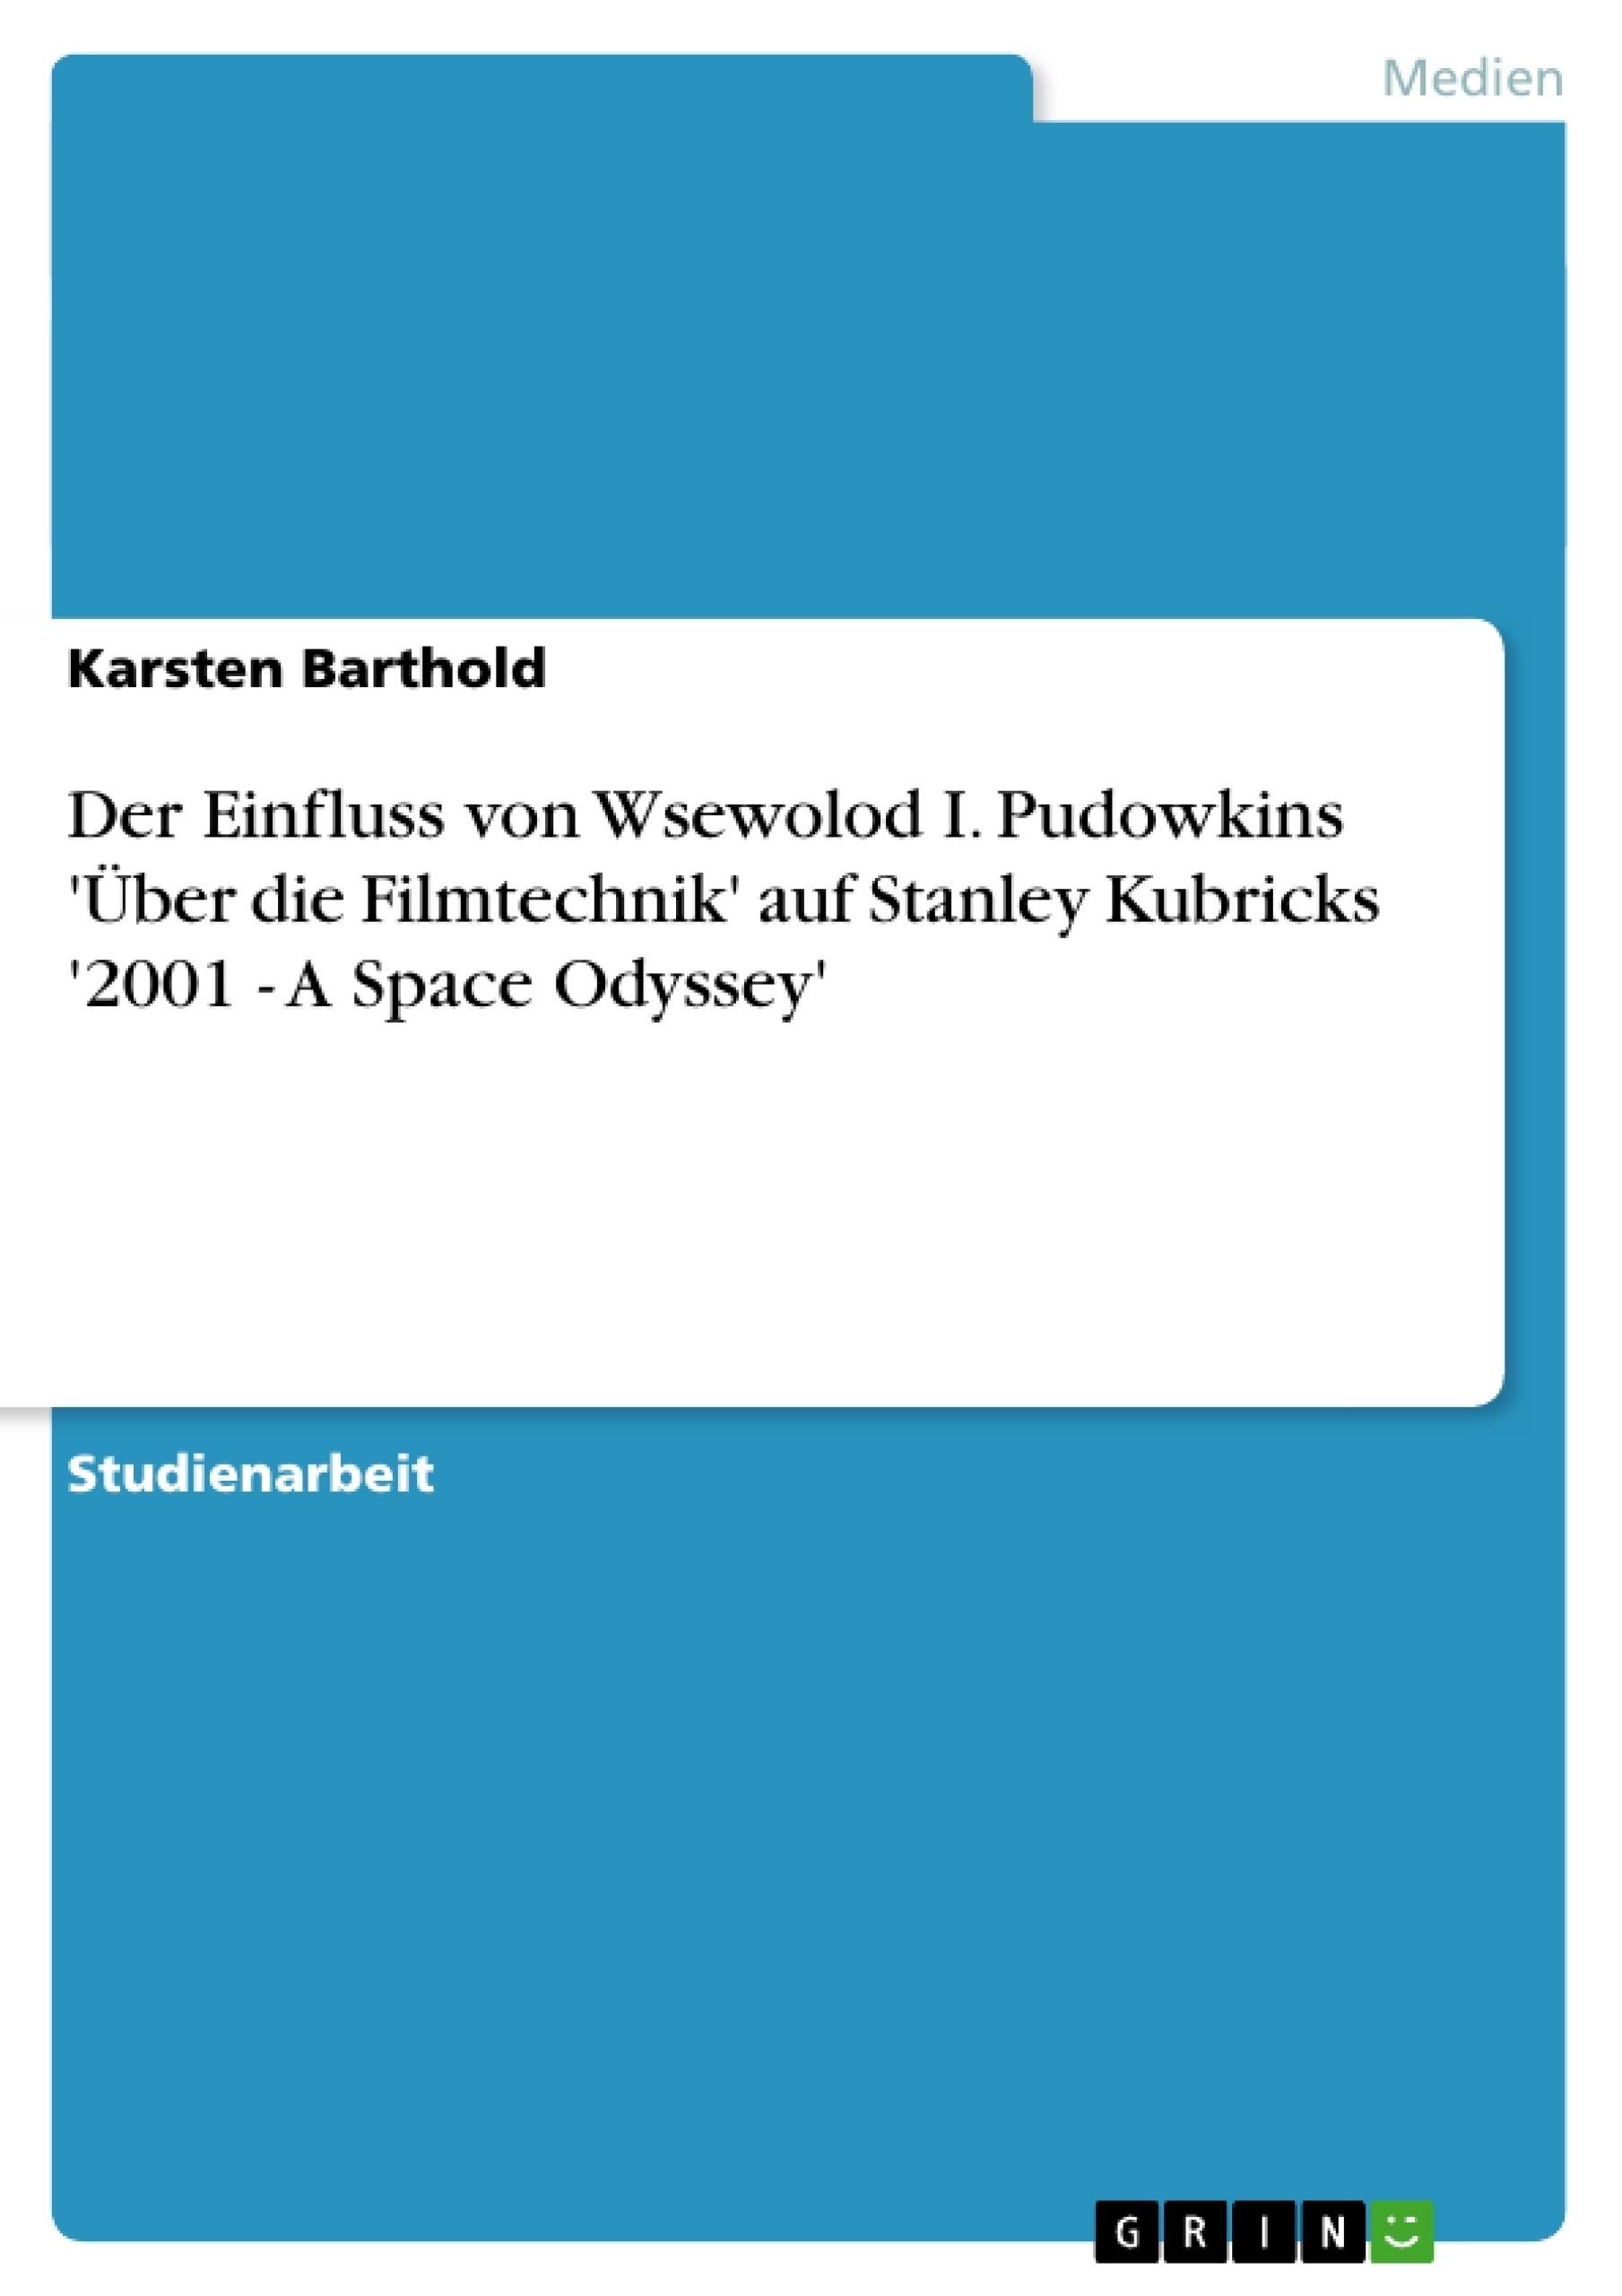 Titel: Der Einfluss von Wsewolod I. Pudowkins 'Über die Filmtechnik' auf Stanley Kubricks '2001 - A Space Odyssey'